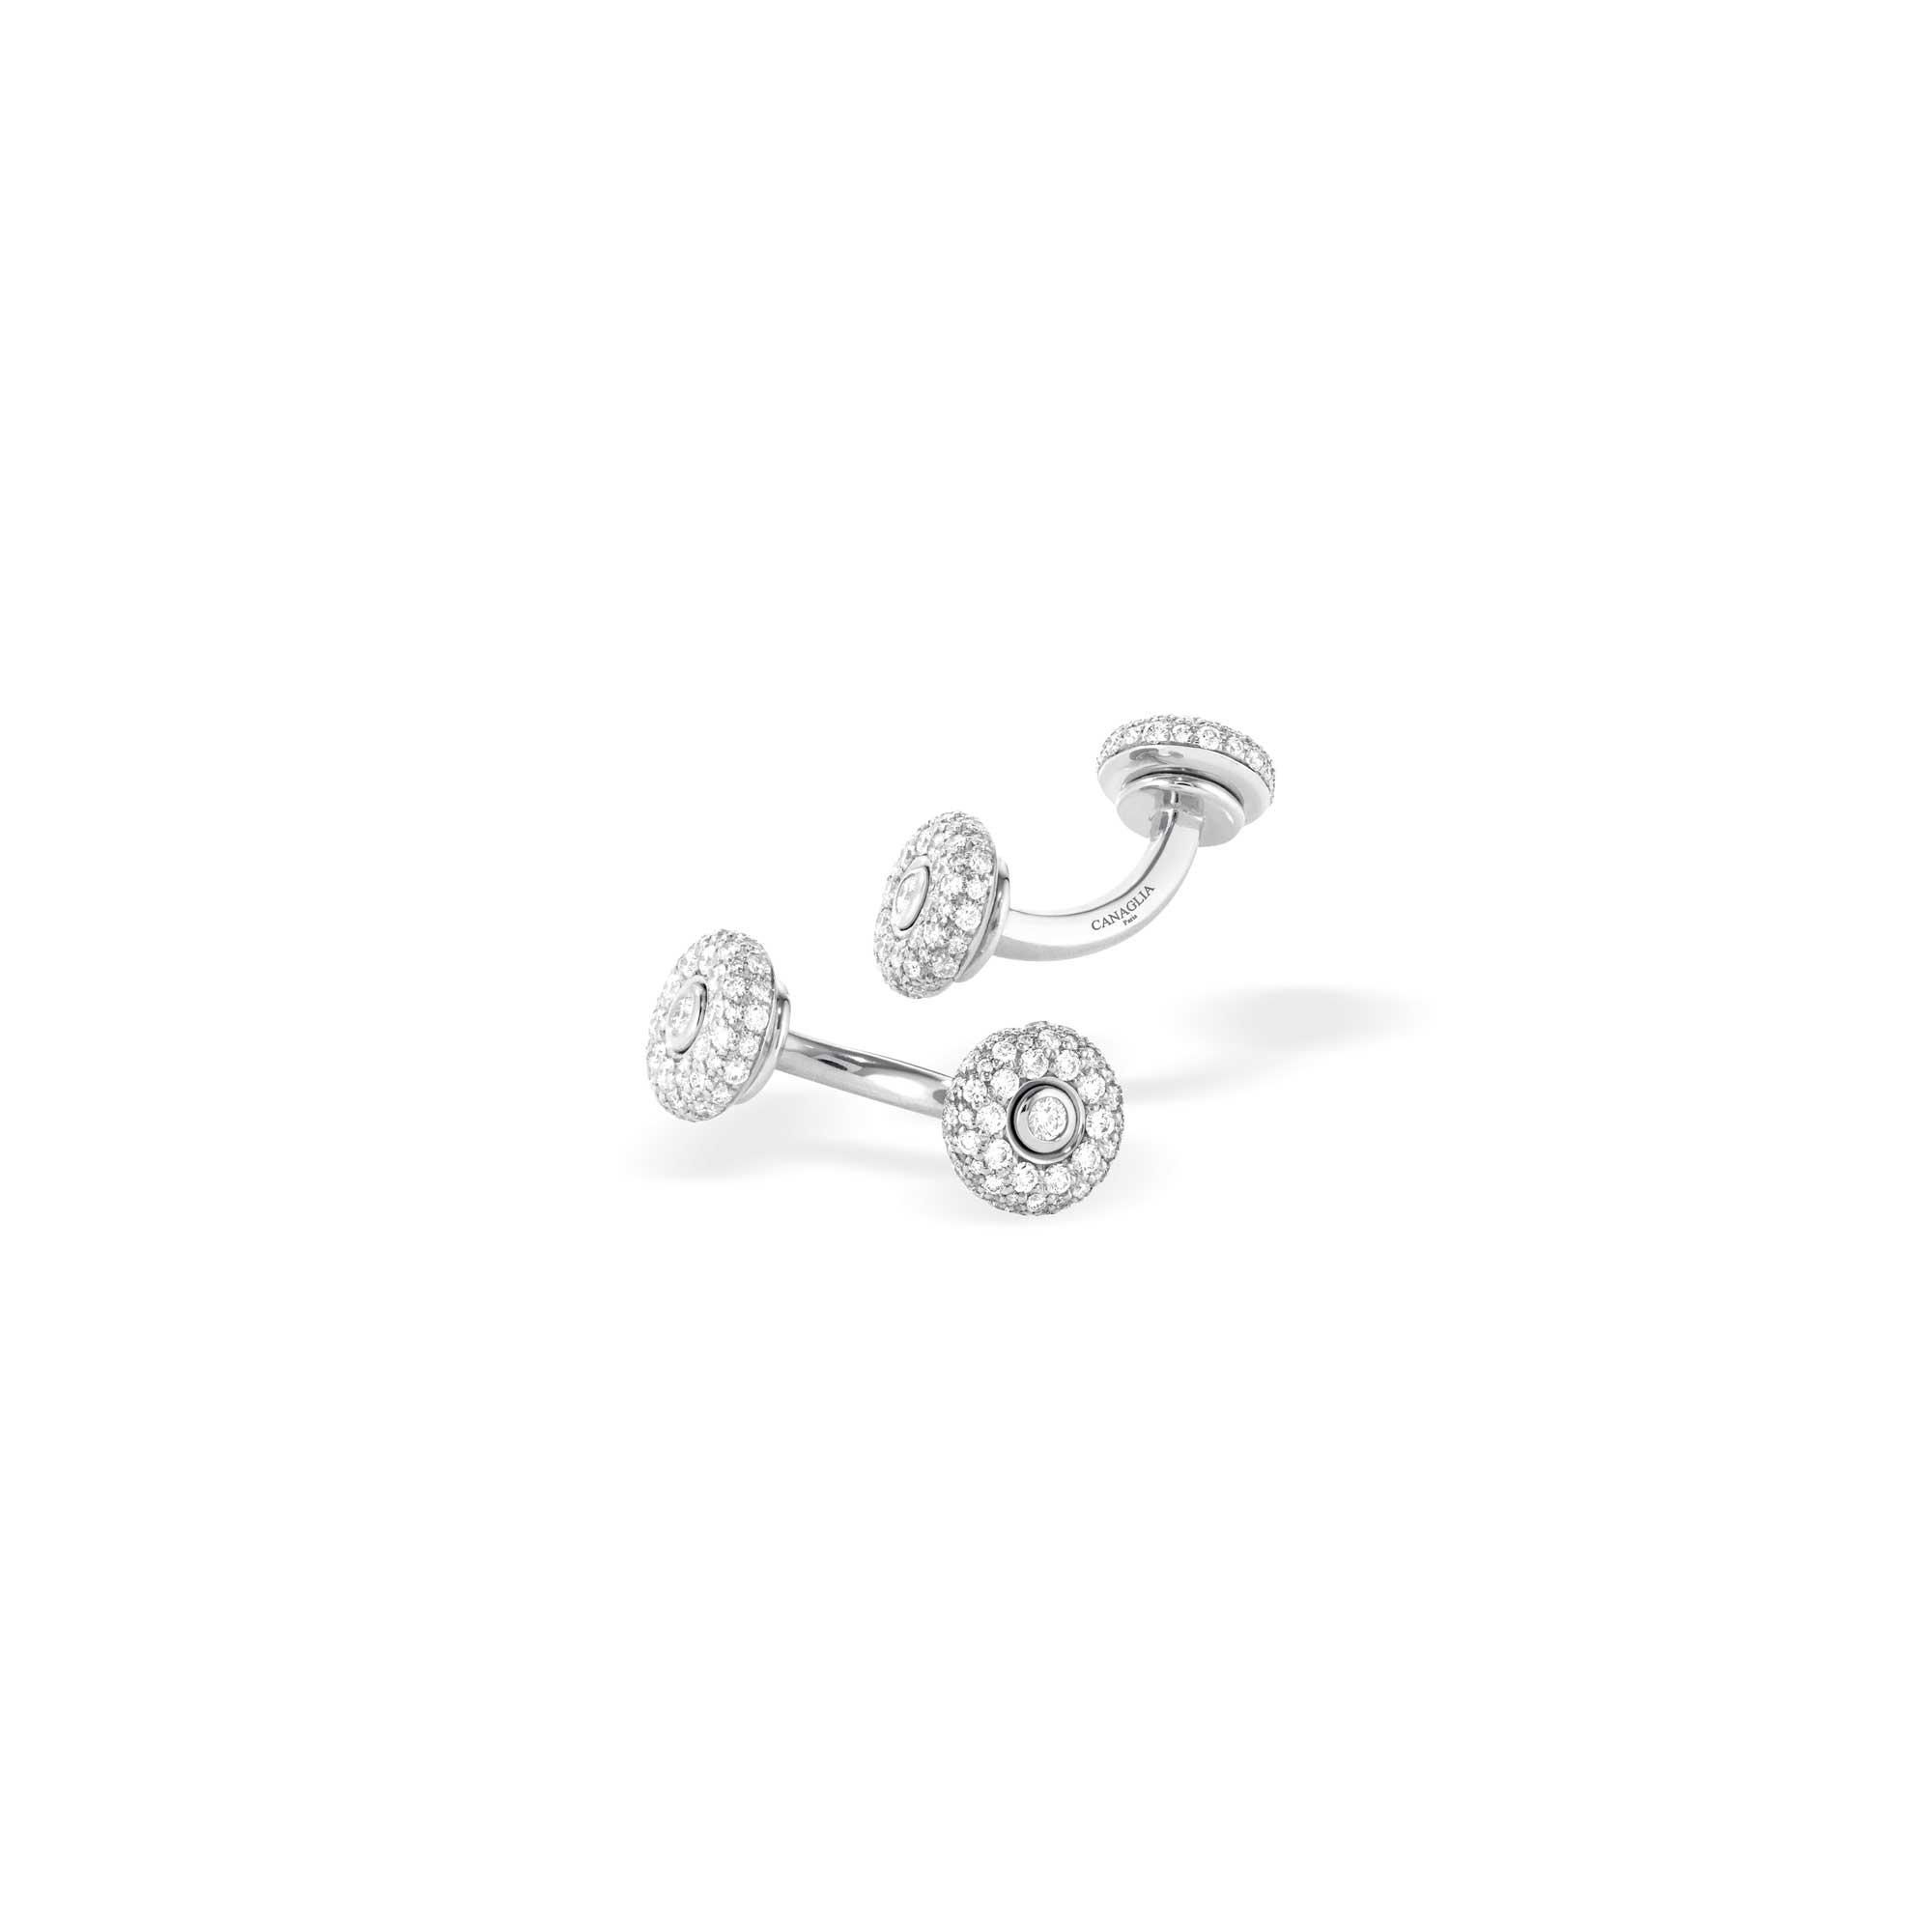 Boutons de manchette or gris et diamants - Joaillerie Canaglia Paris-Milan